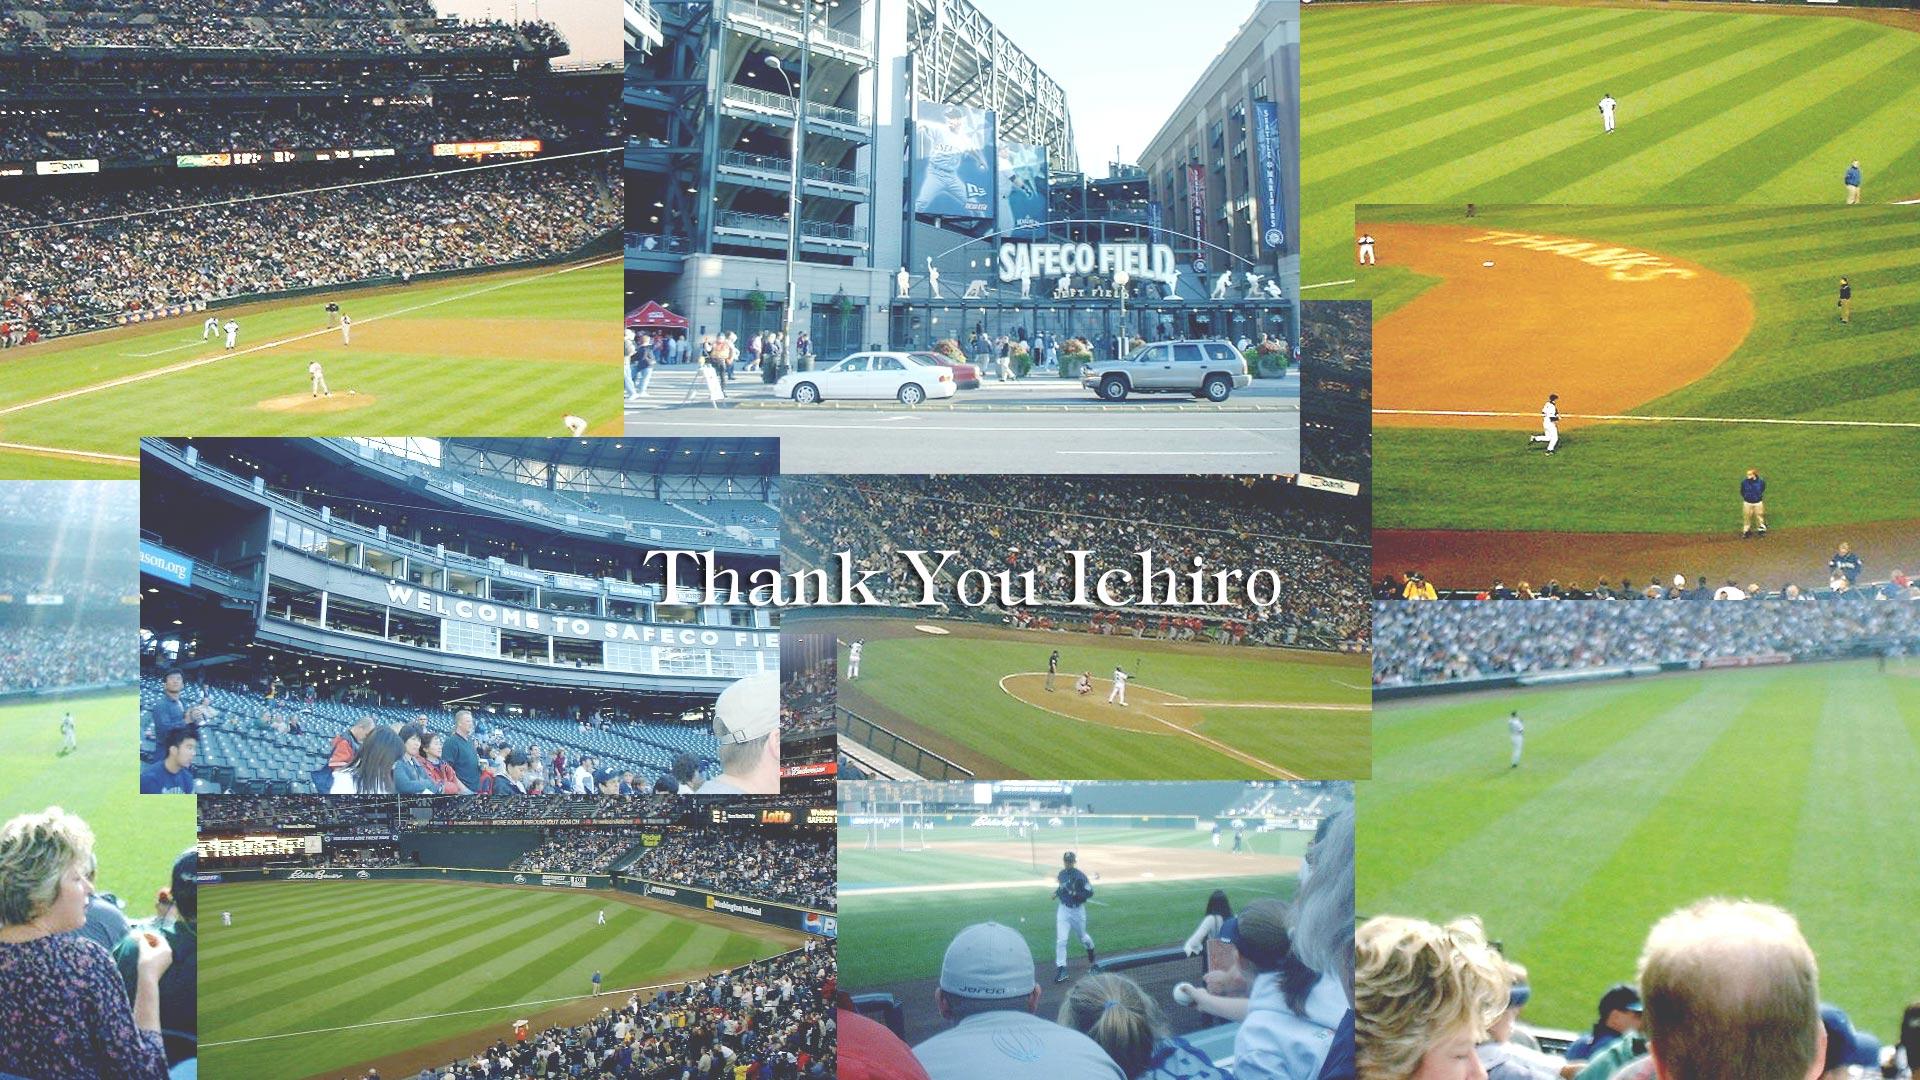 イチロー選手引退-「ありがとうイチロー選手」トップページ写真